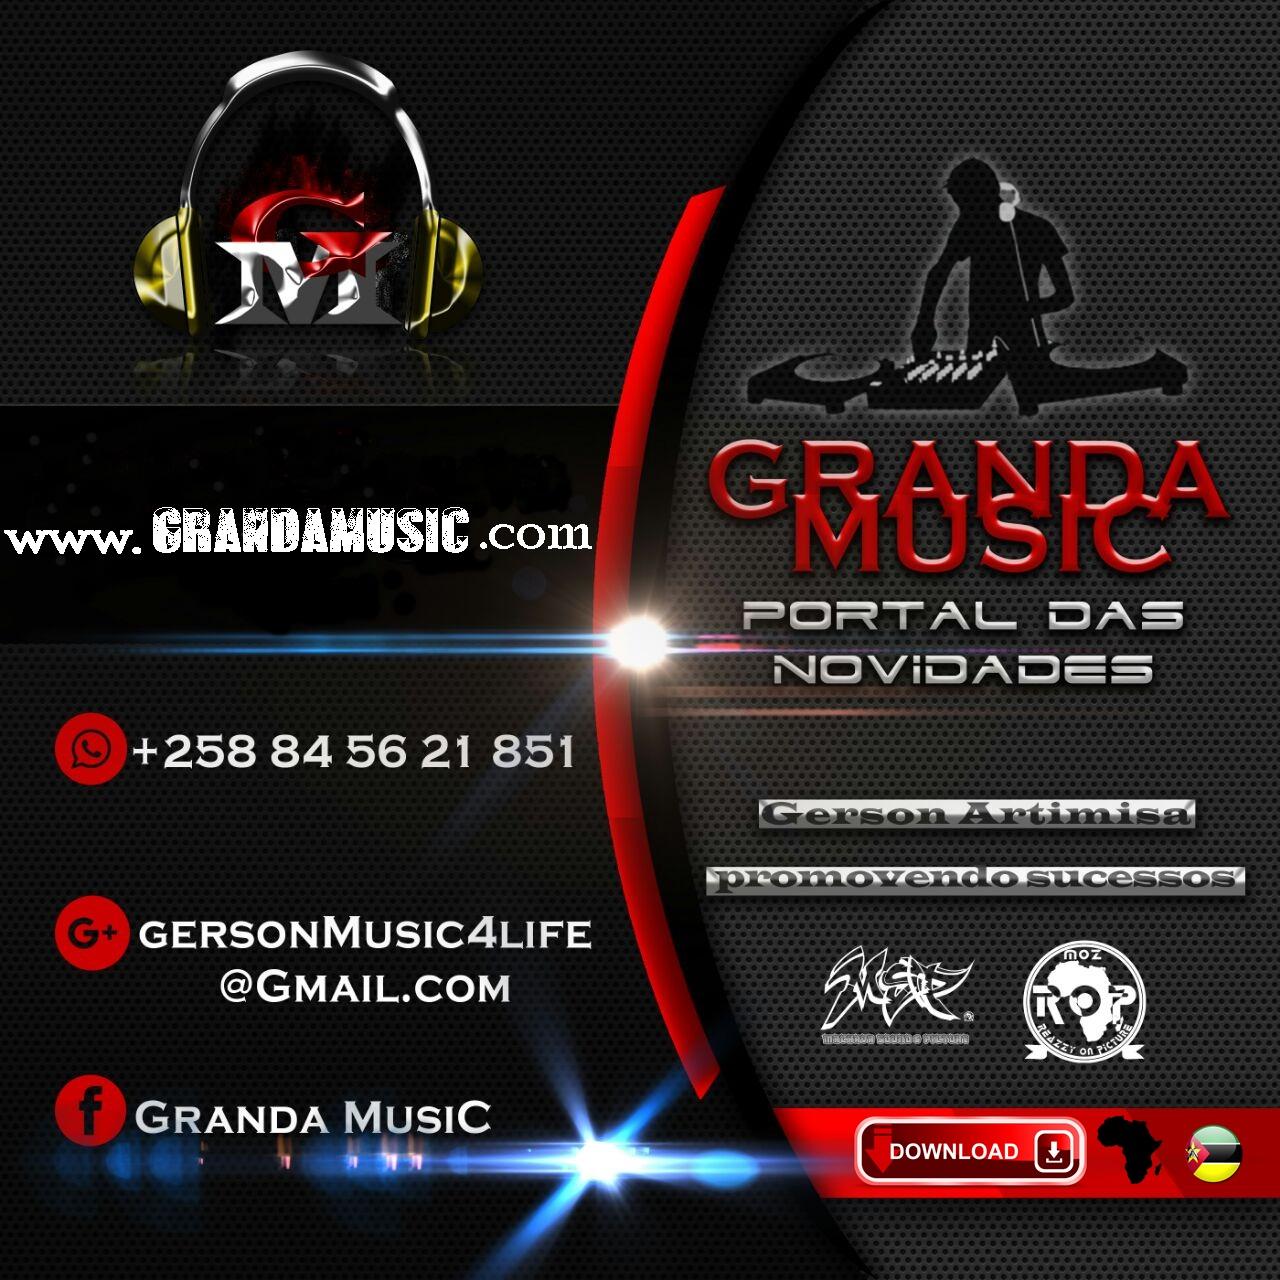 Refiller Boy - Hi Kombela Rivalelo [Download] | Granda Music